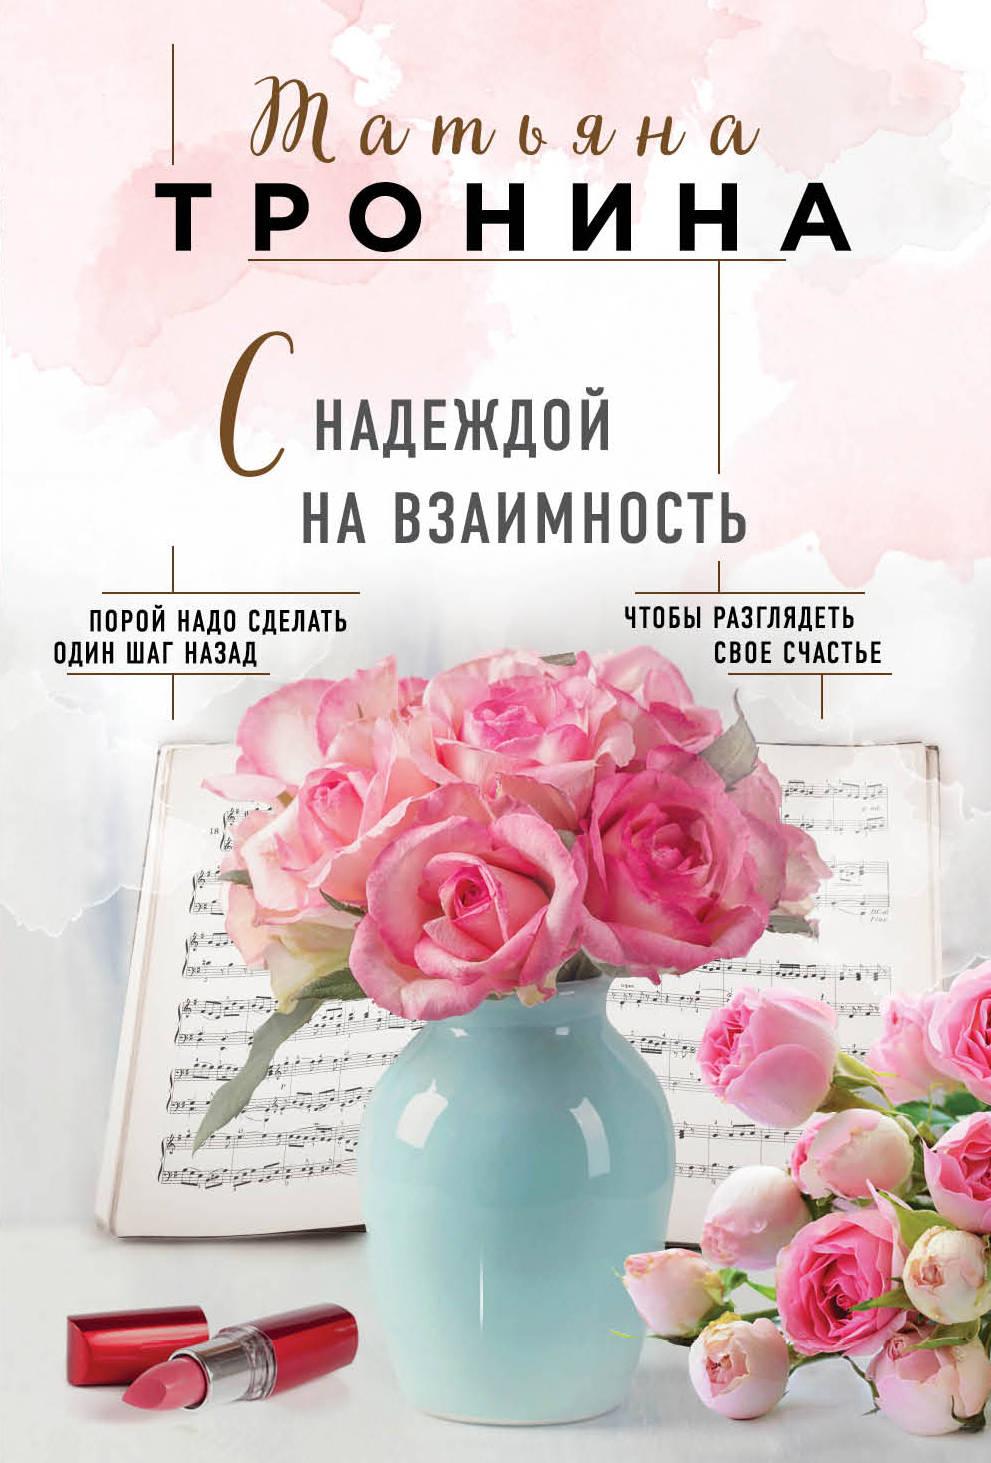 Тронина Татьяна Михайловна С надеждой на взаимность тронина татьяна михайловна нежность августовской ночи